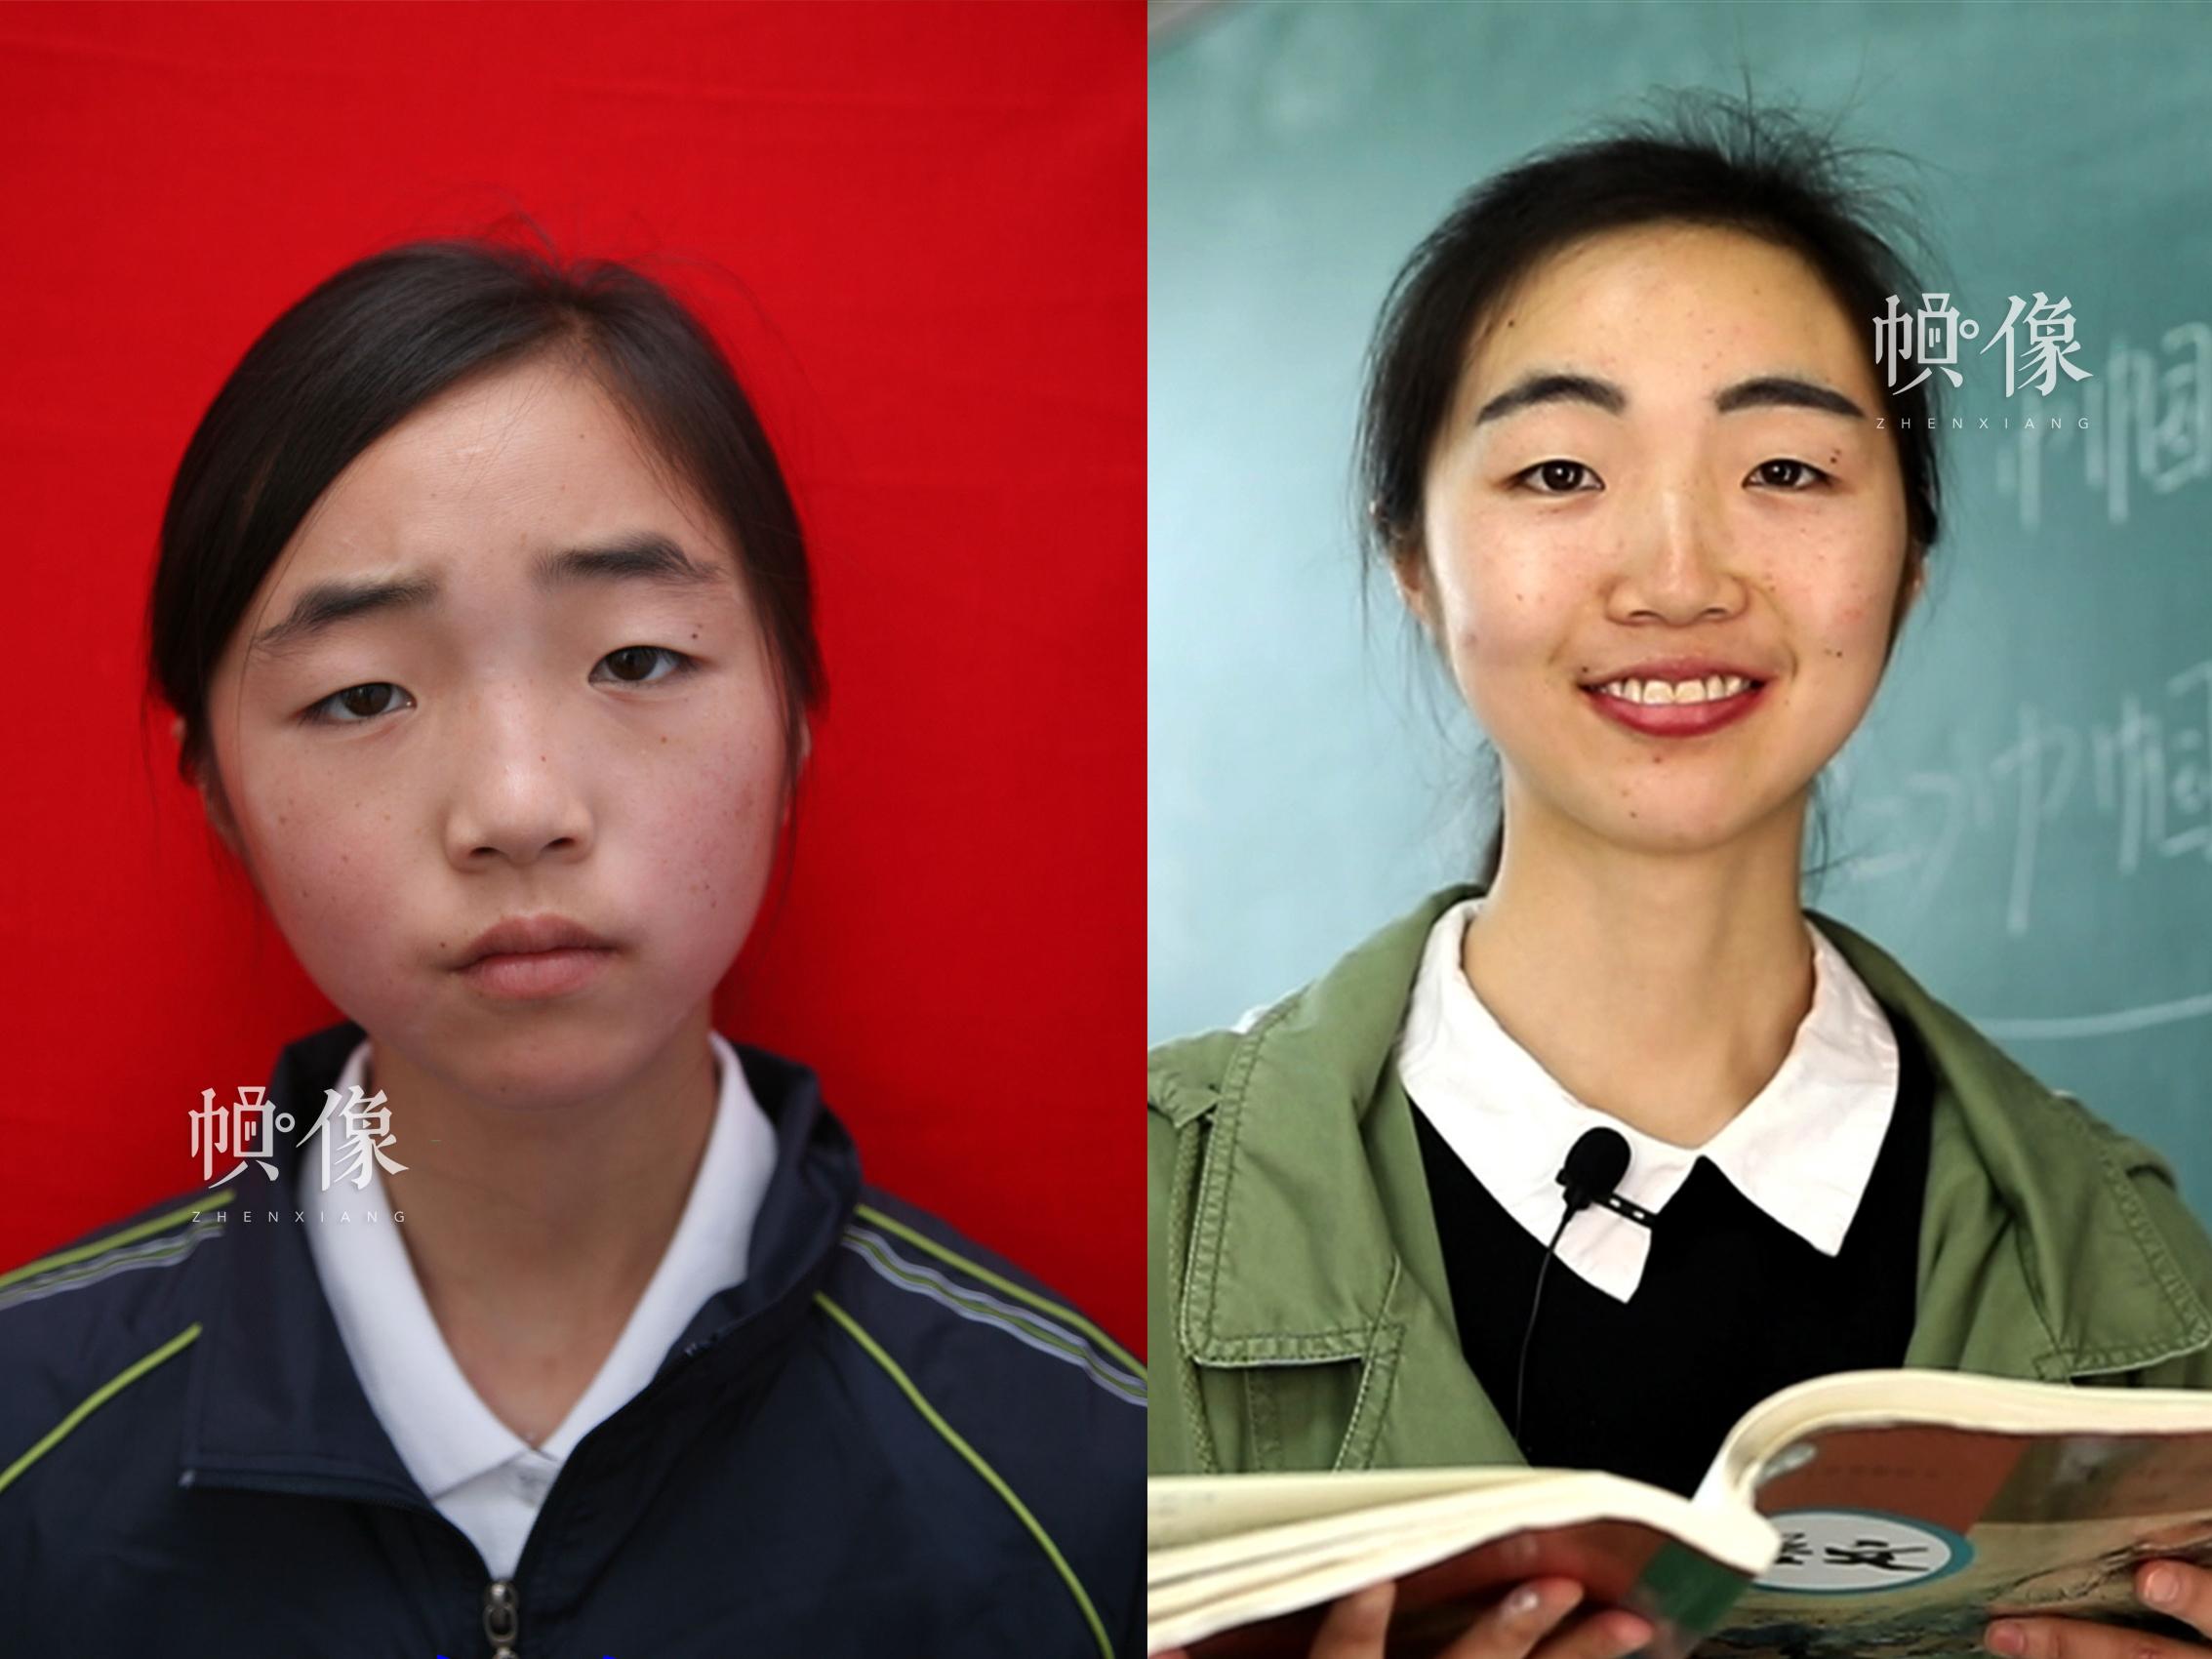 """512地震孤兒小玉(化名)10年前和現在的對比圖。小玉在""""安康家園""""生活了五年時間,如今她已經是四川省綿陽市某初中教師。安康家園供圖(左),祁 攝(右)"""